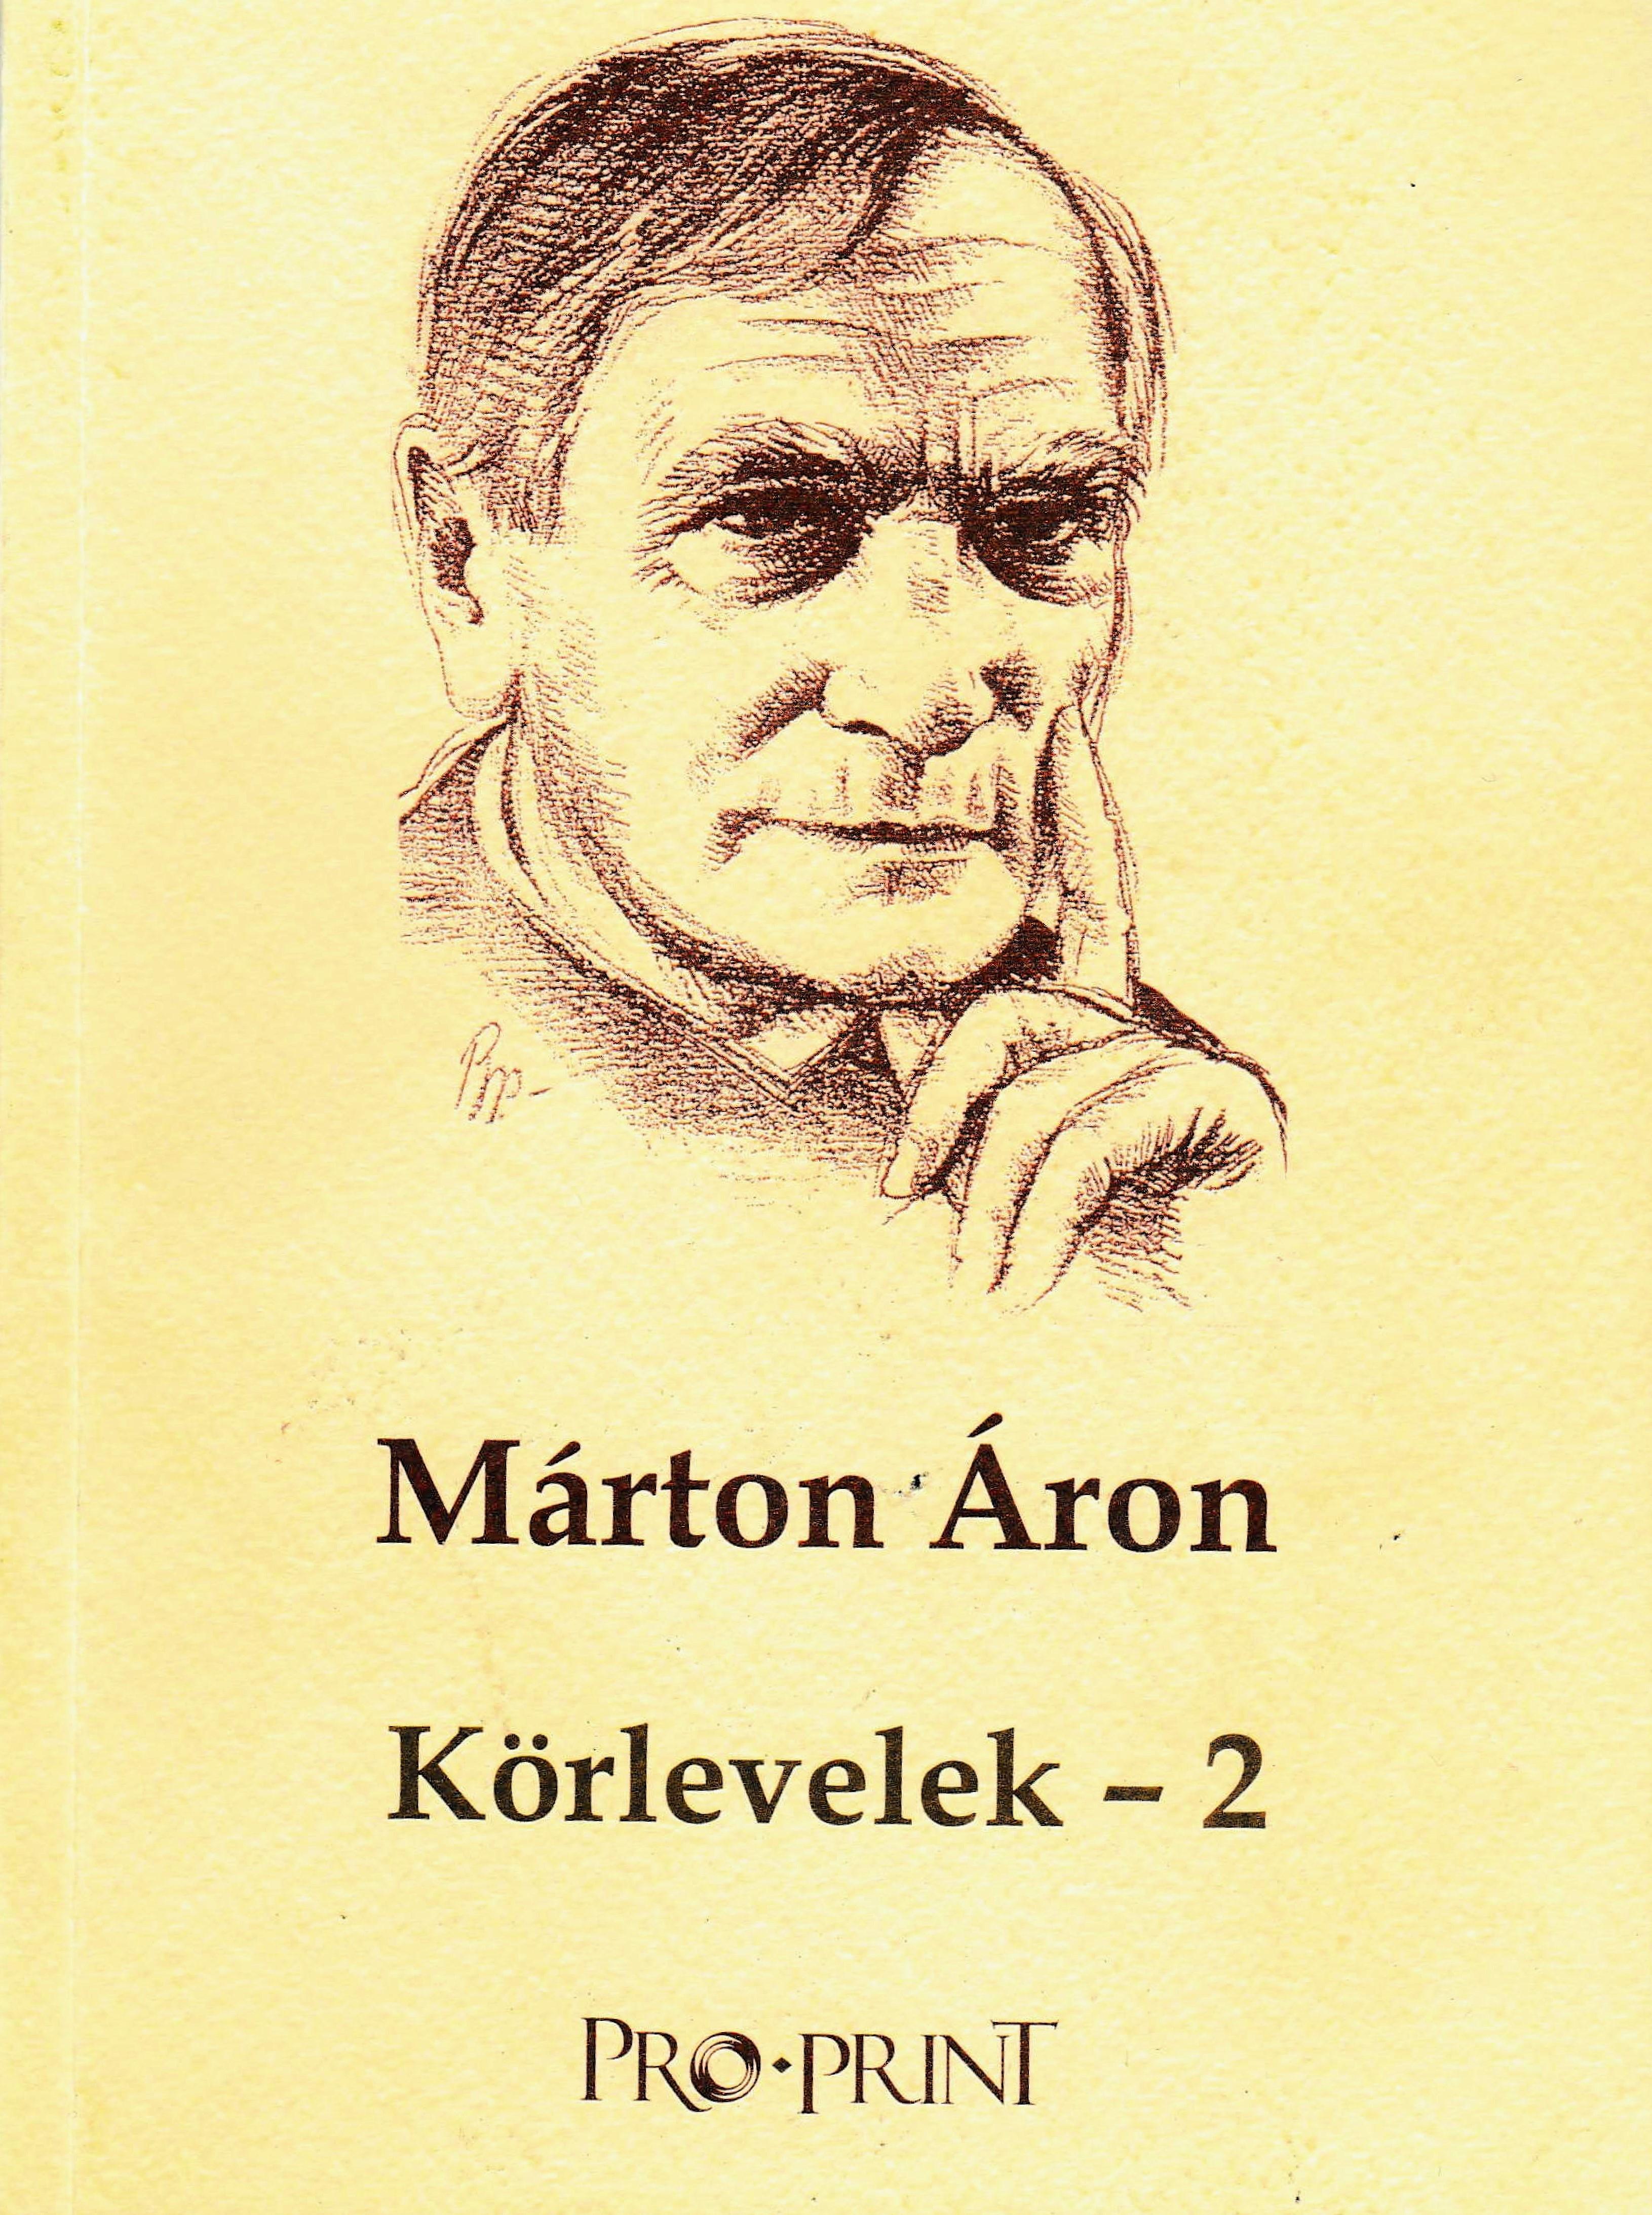 The frontcover of the book: Márton, Áron. 2015. Körlevelek – 2 (Circulars – 2), edited by József Marton. Csíkszereda: Pro-Print